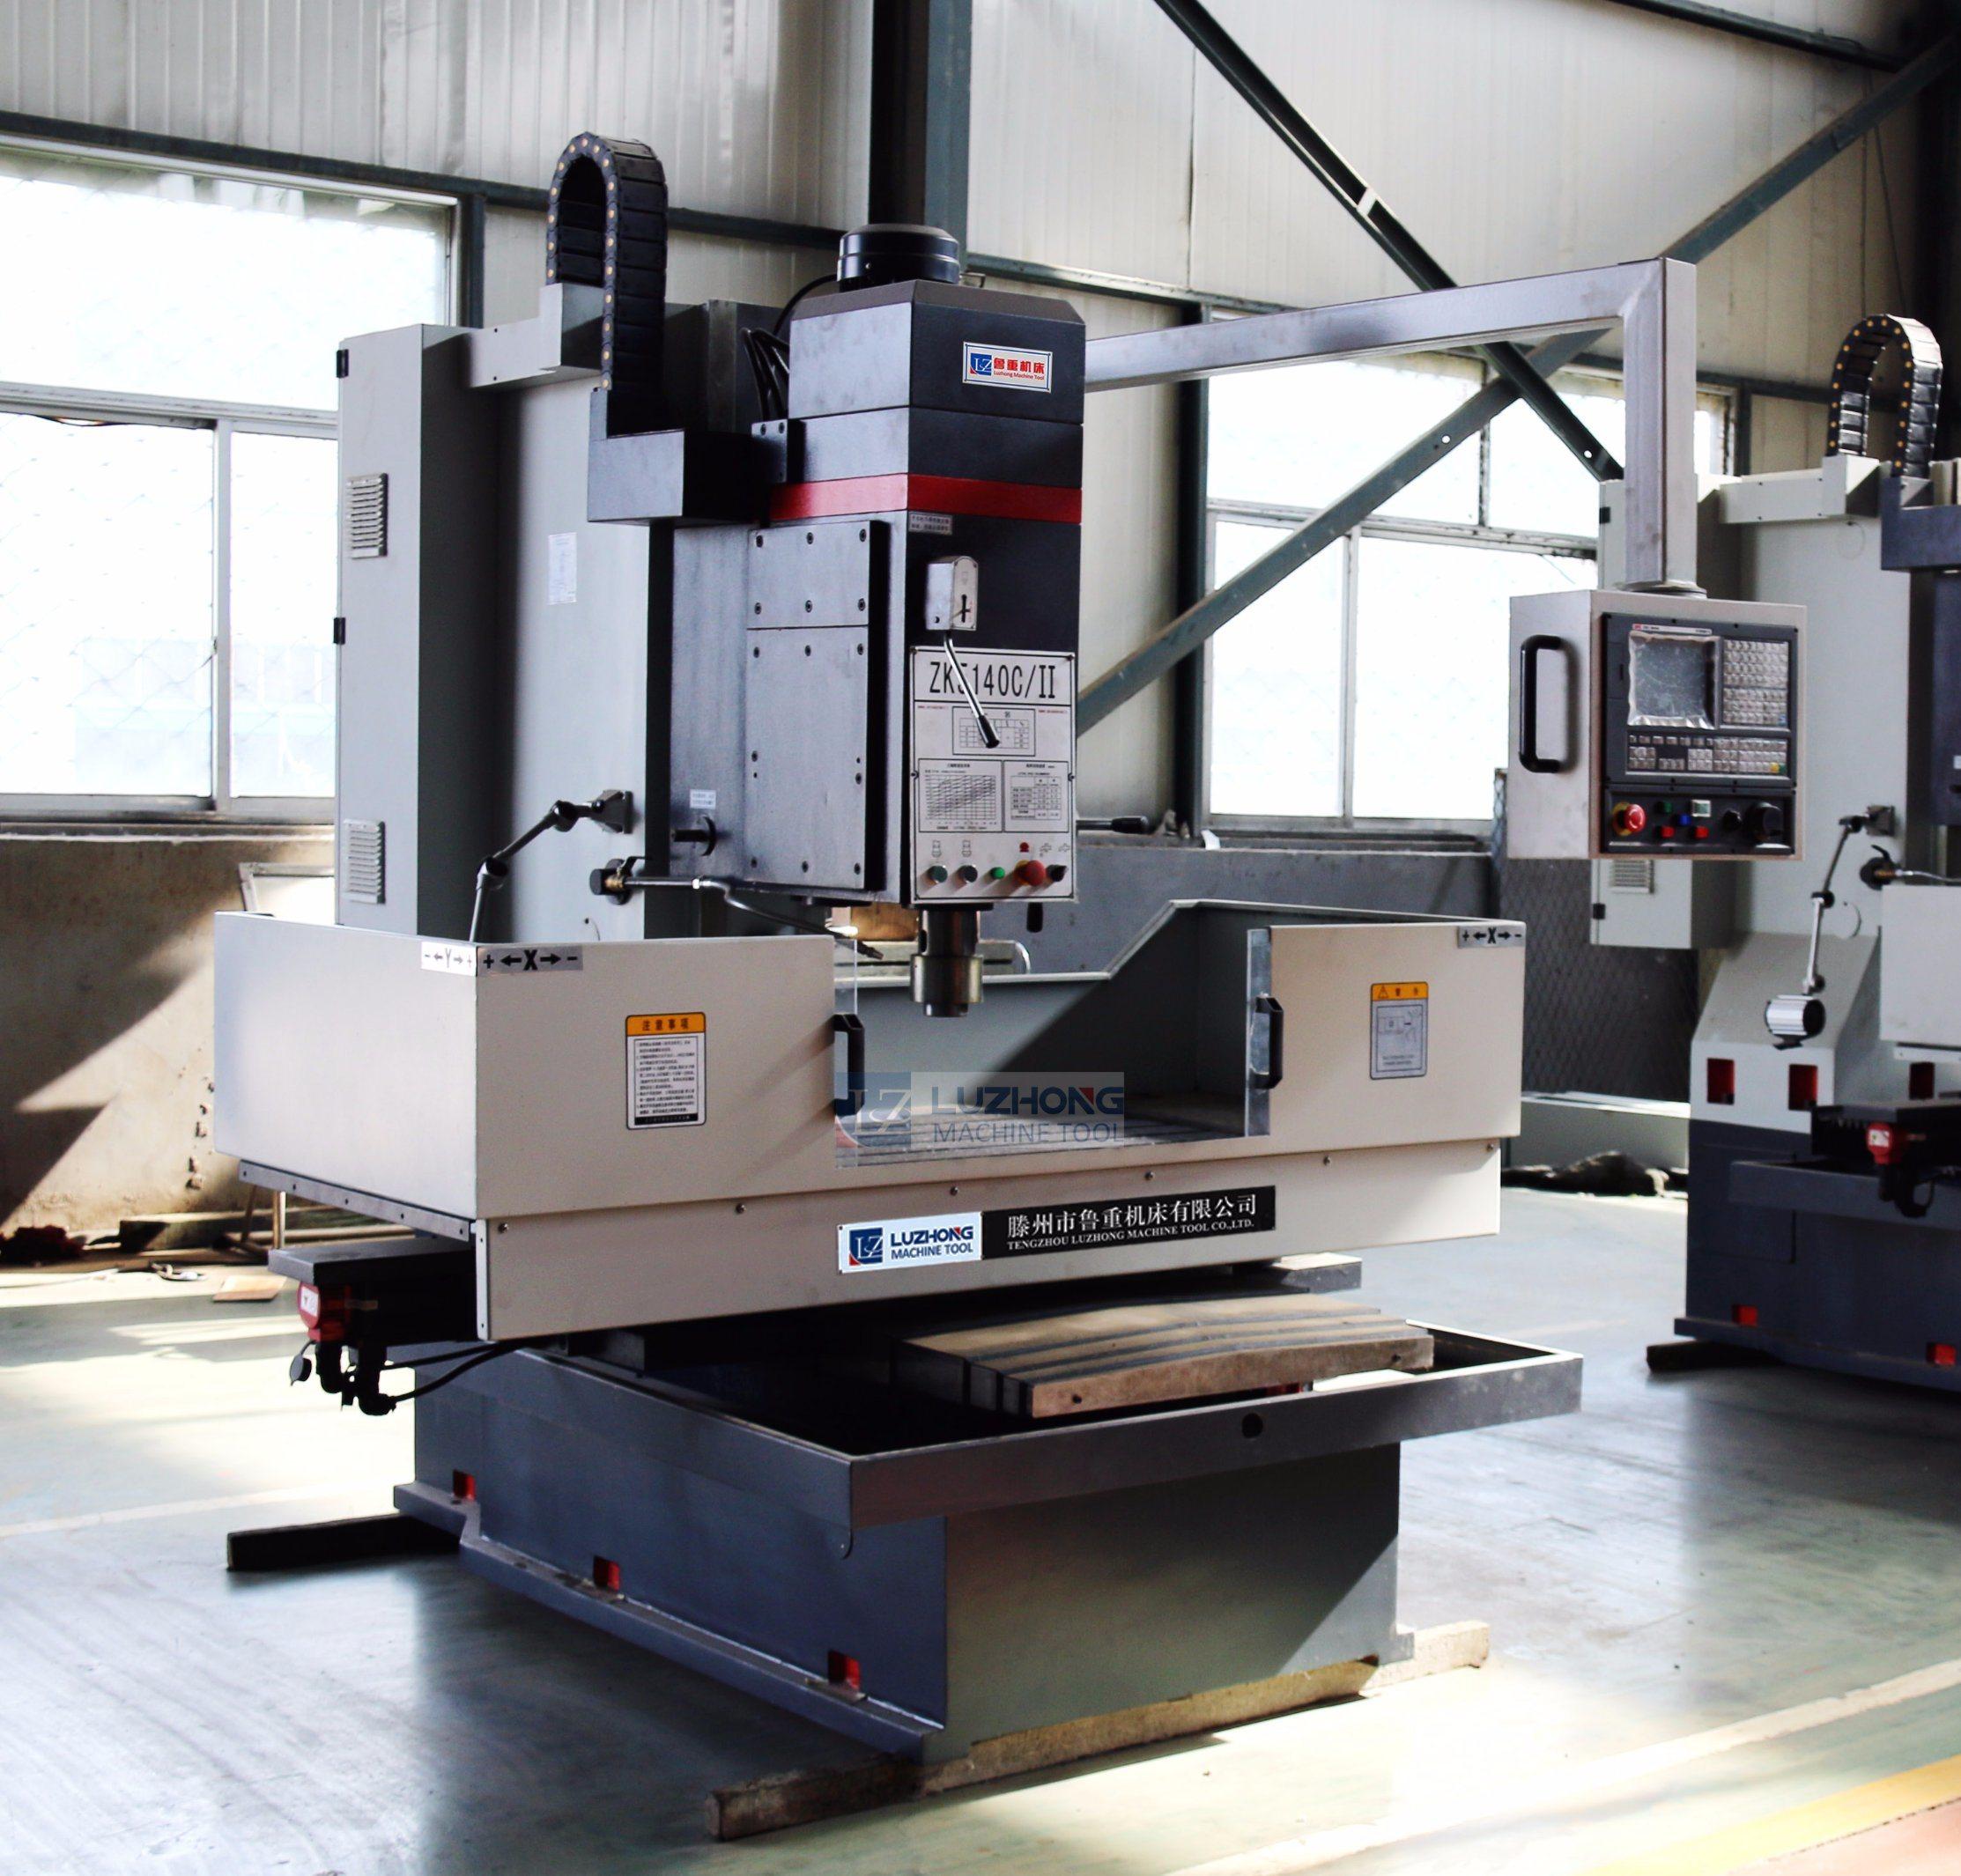 Zk5140c 5150c CNC Vertical Drilling Machine Tool